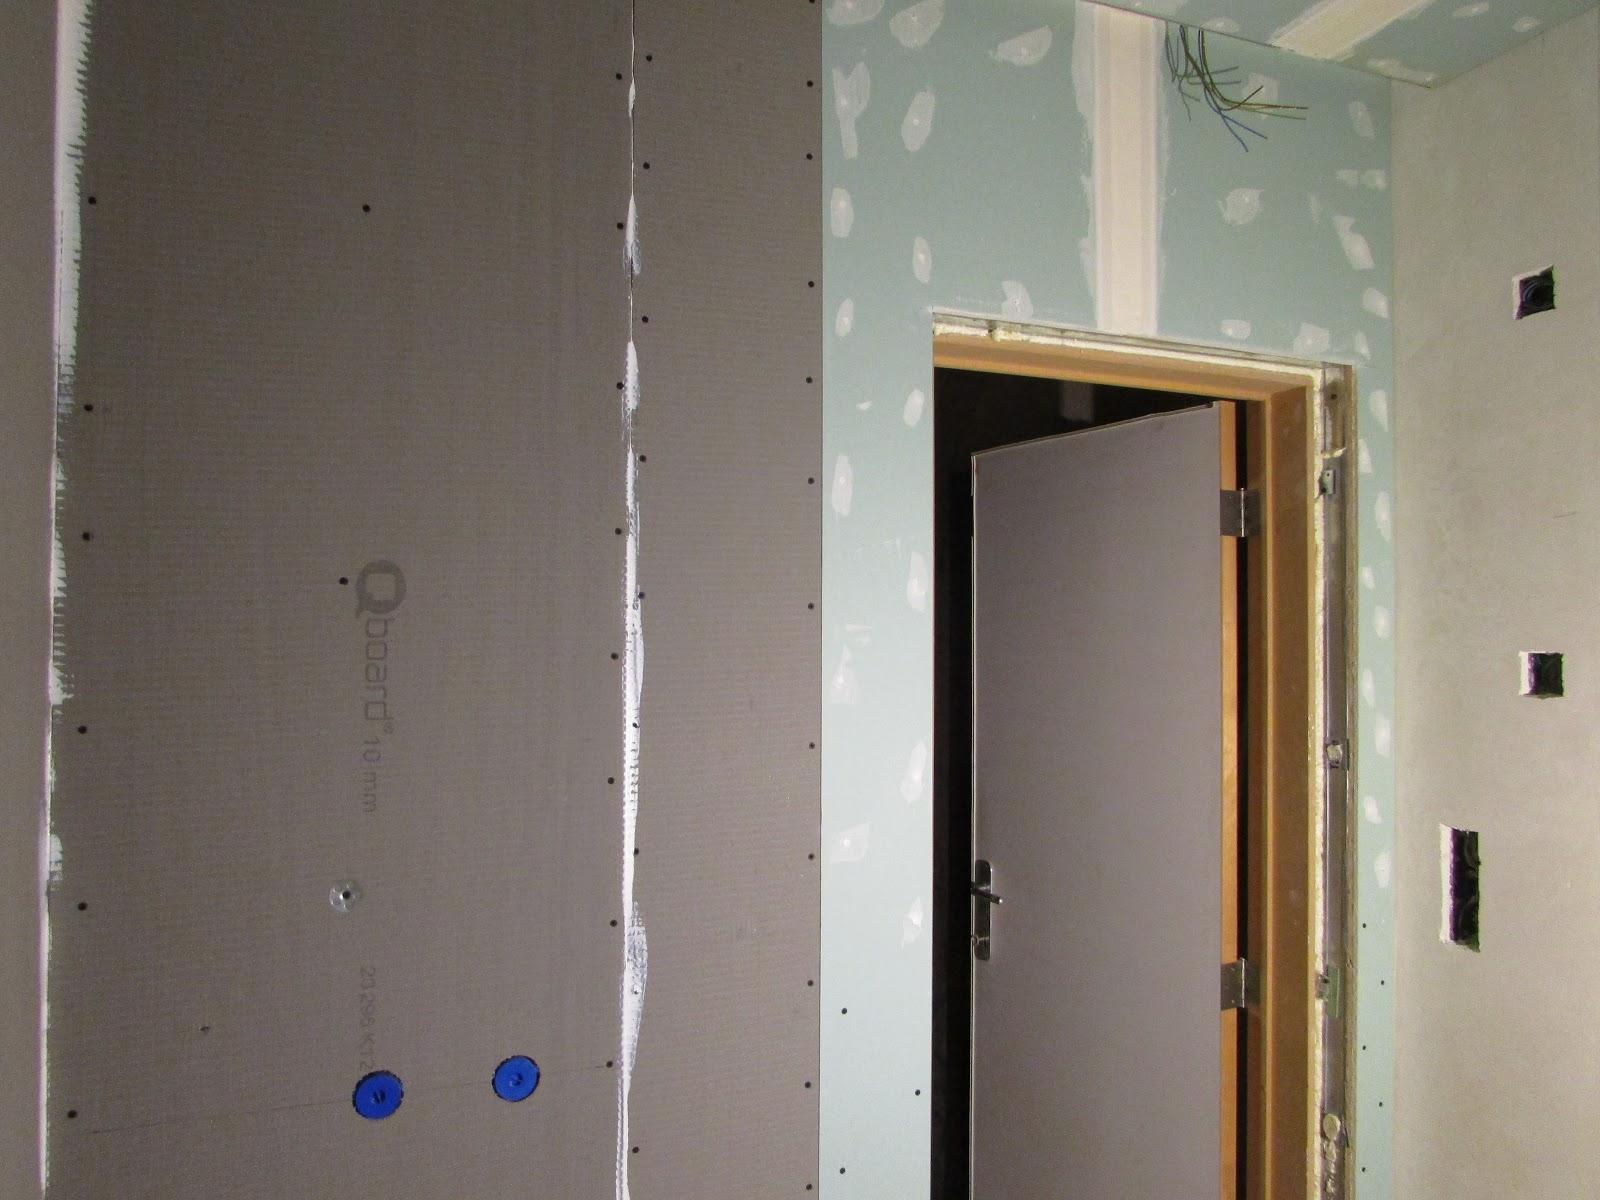 verbouwing van ons ouderlijk huis: muren badkamer